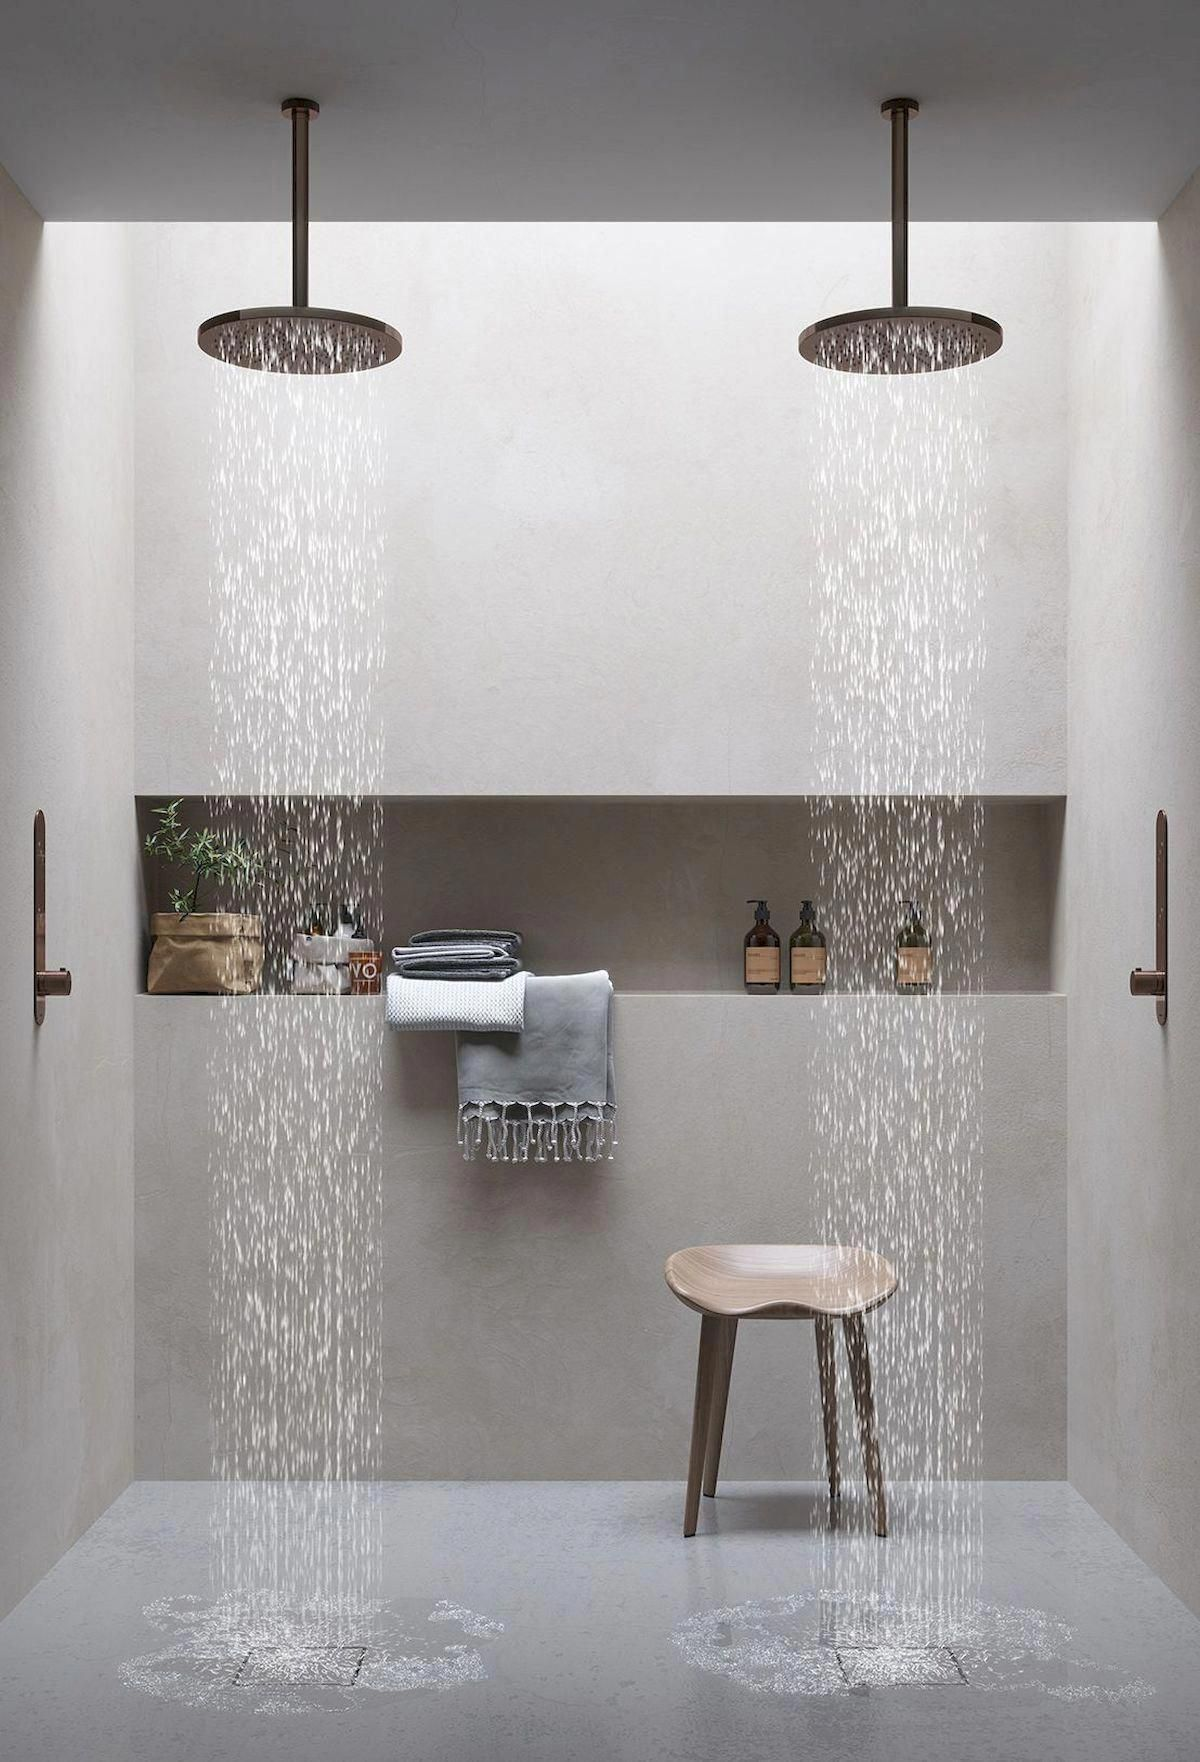 Bathroom Tray Set Beach Themed Bathroom Accessories Sets Full Bathroom Accessories Set 201907 Home Interior Design Bathroom Interior Design Remodel Bedroom